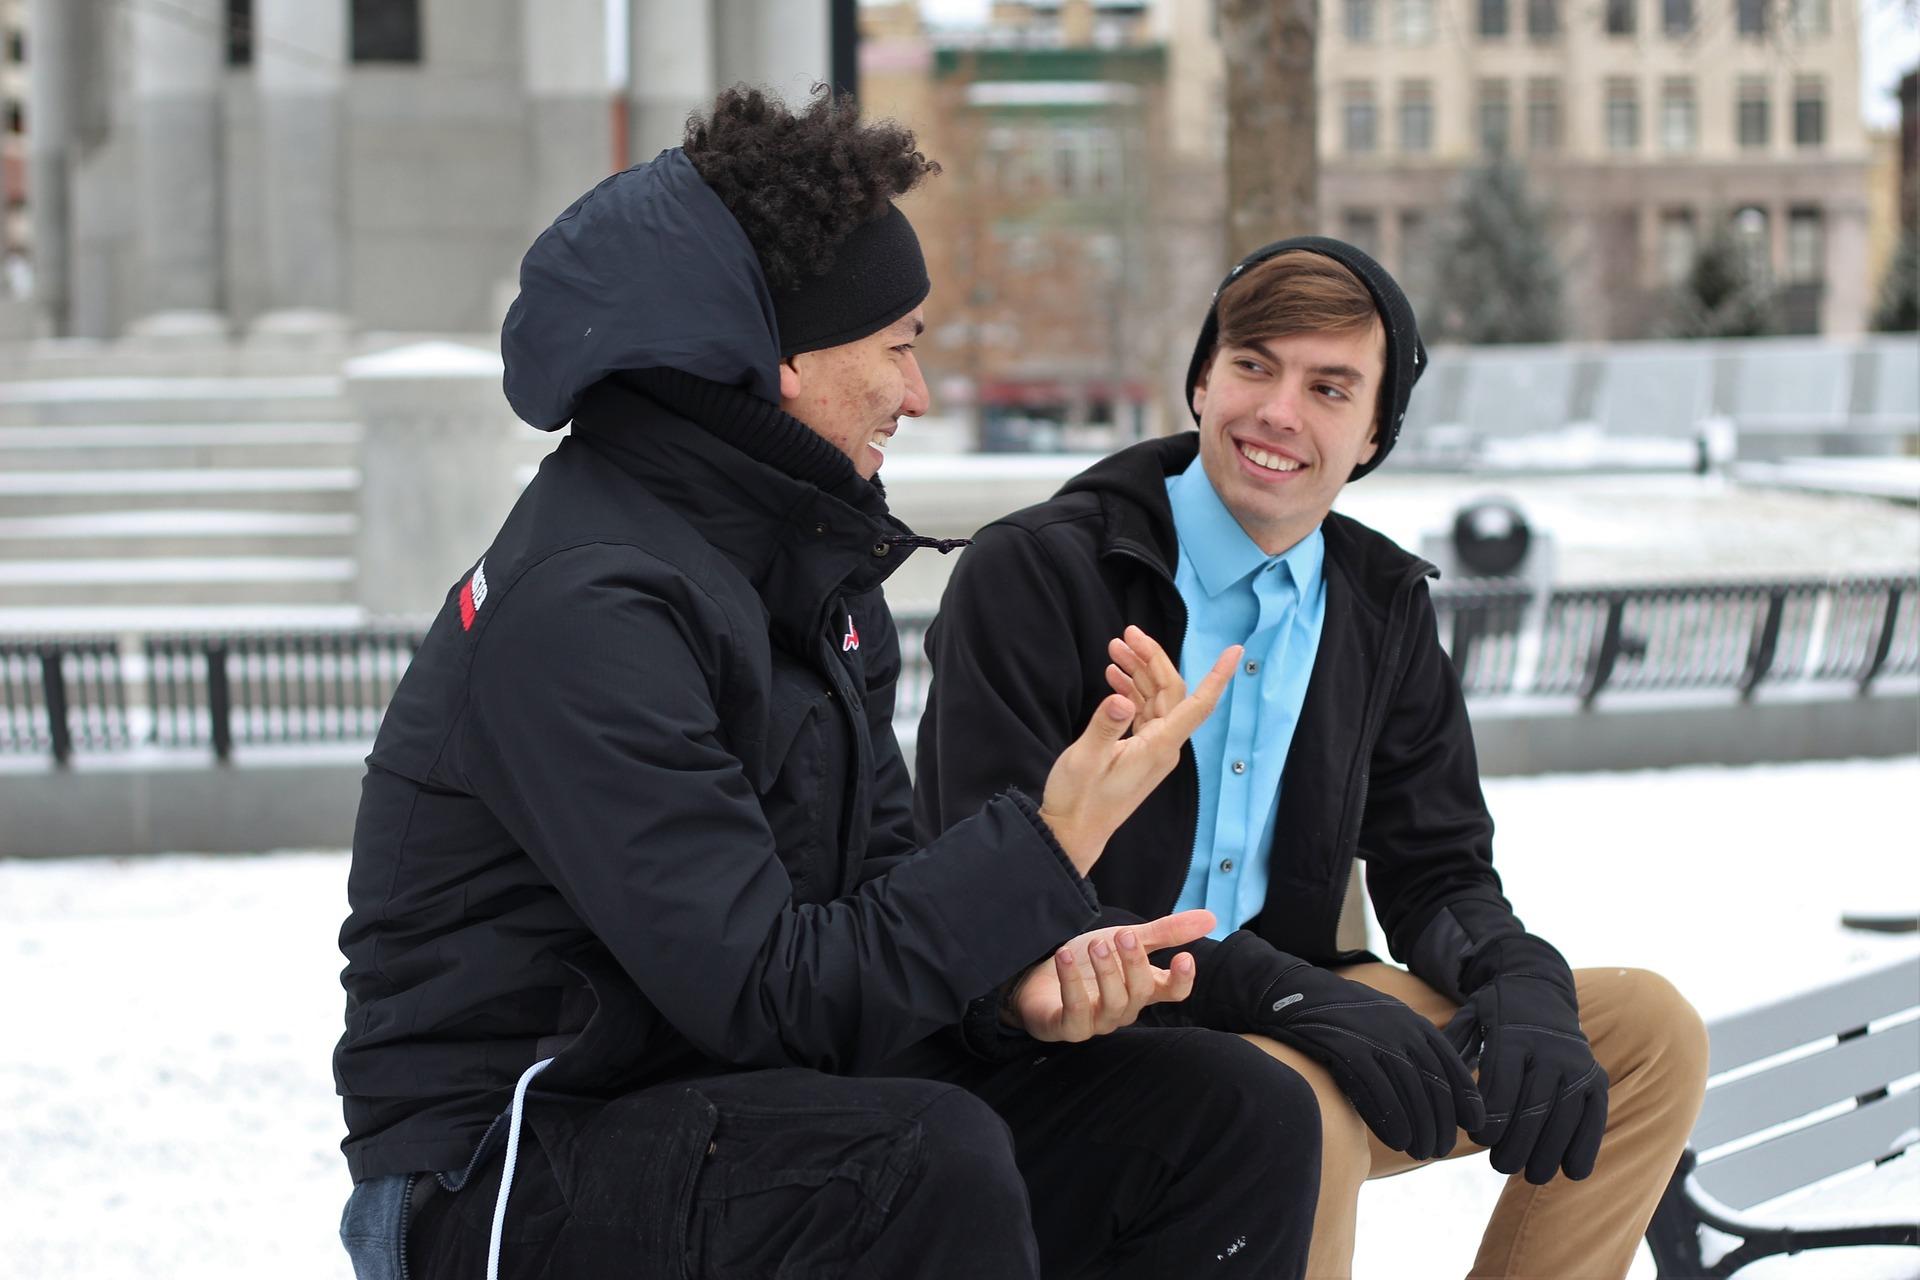 二人の男性がベンチに腰をかけて会話をしている様子